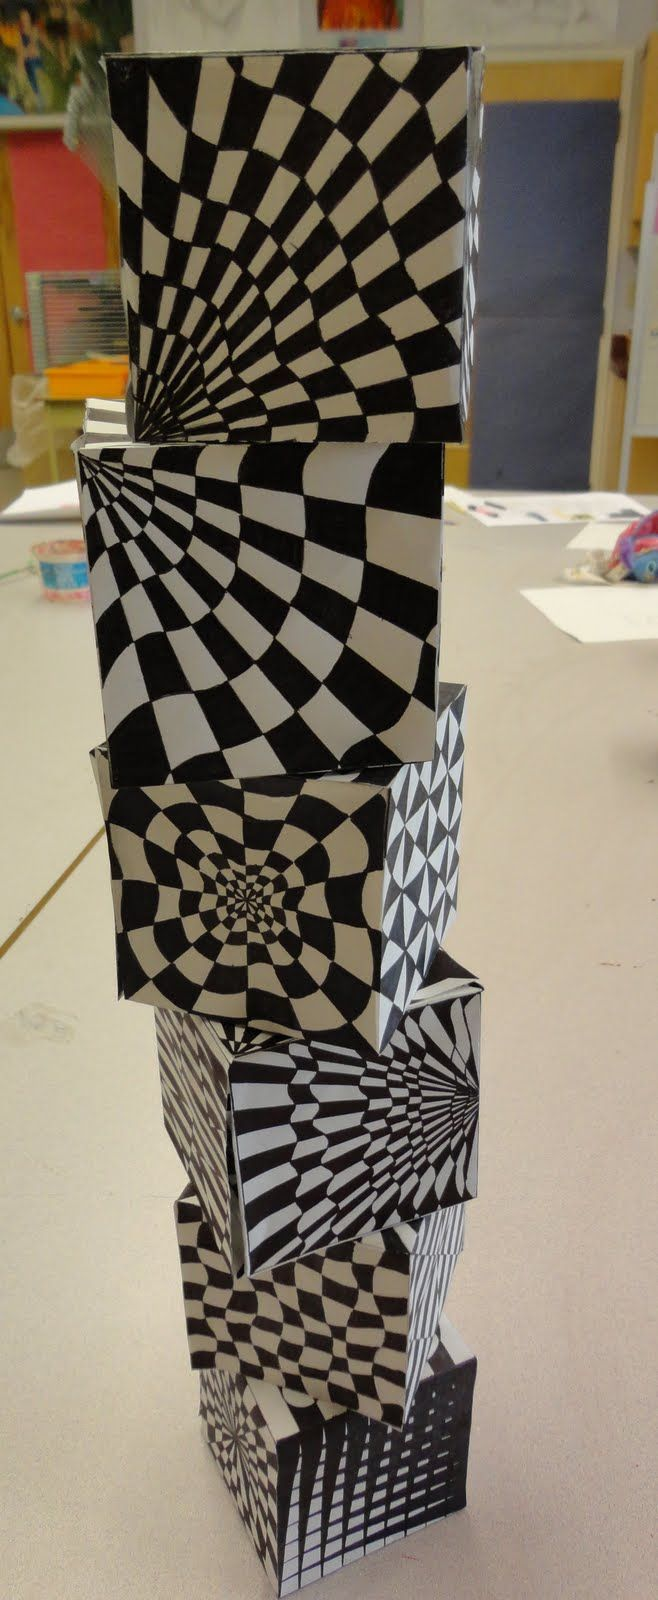 Art Mash  3-D op art cube stack ups good for art show